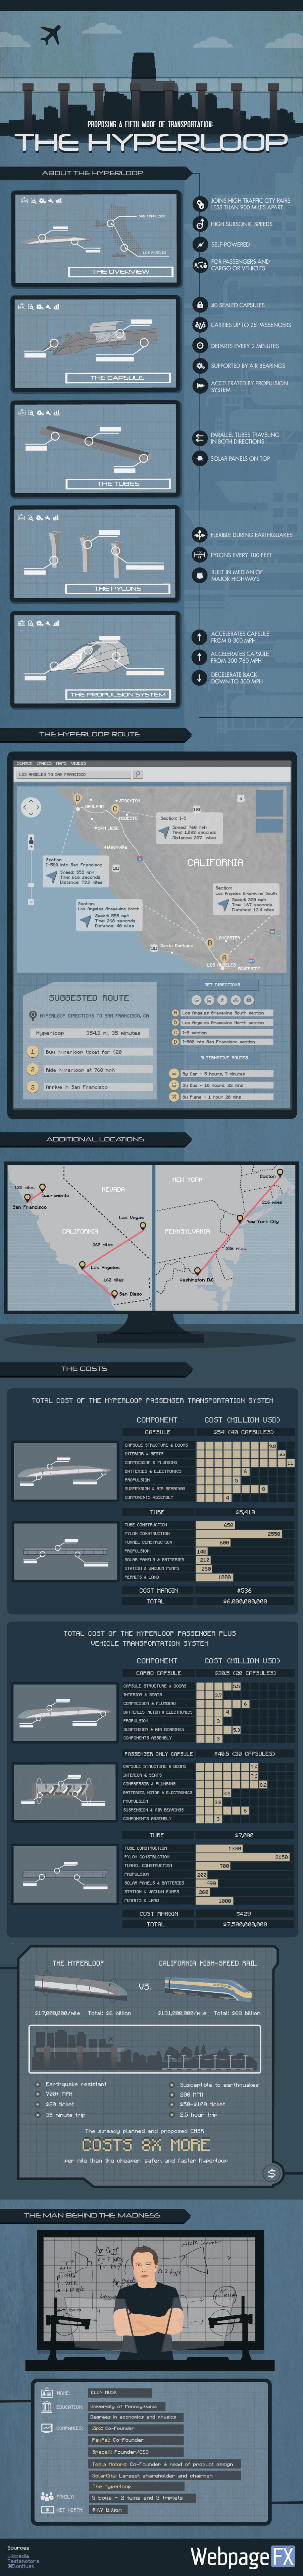 The-Hyperloop-Infographic